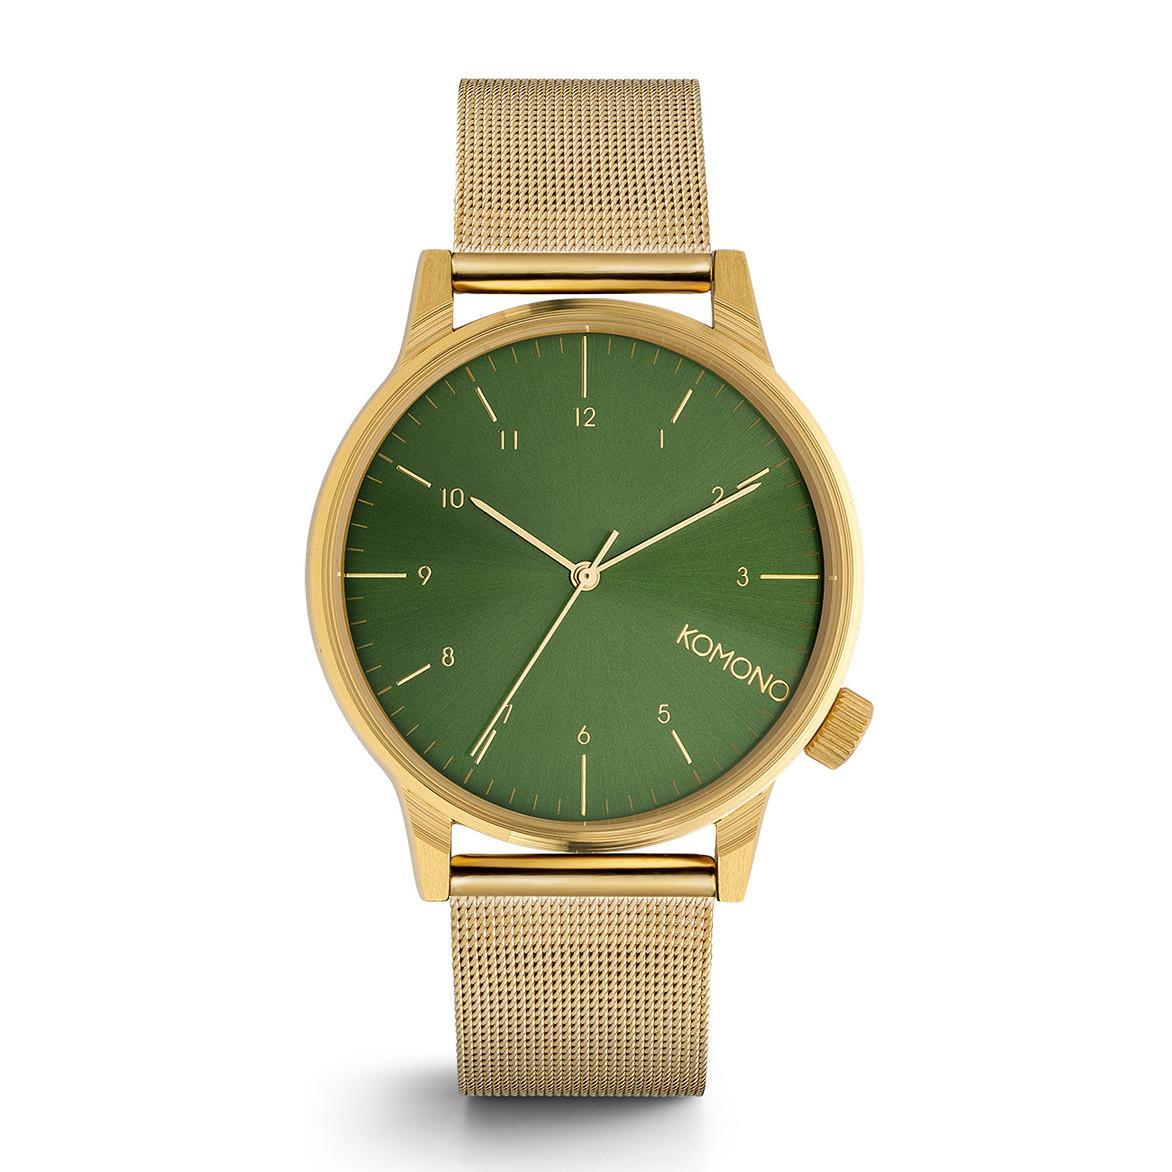 fa684213e → Komono Winston Royale Gold Green za5dvanáct